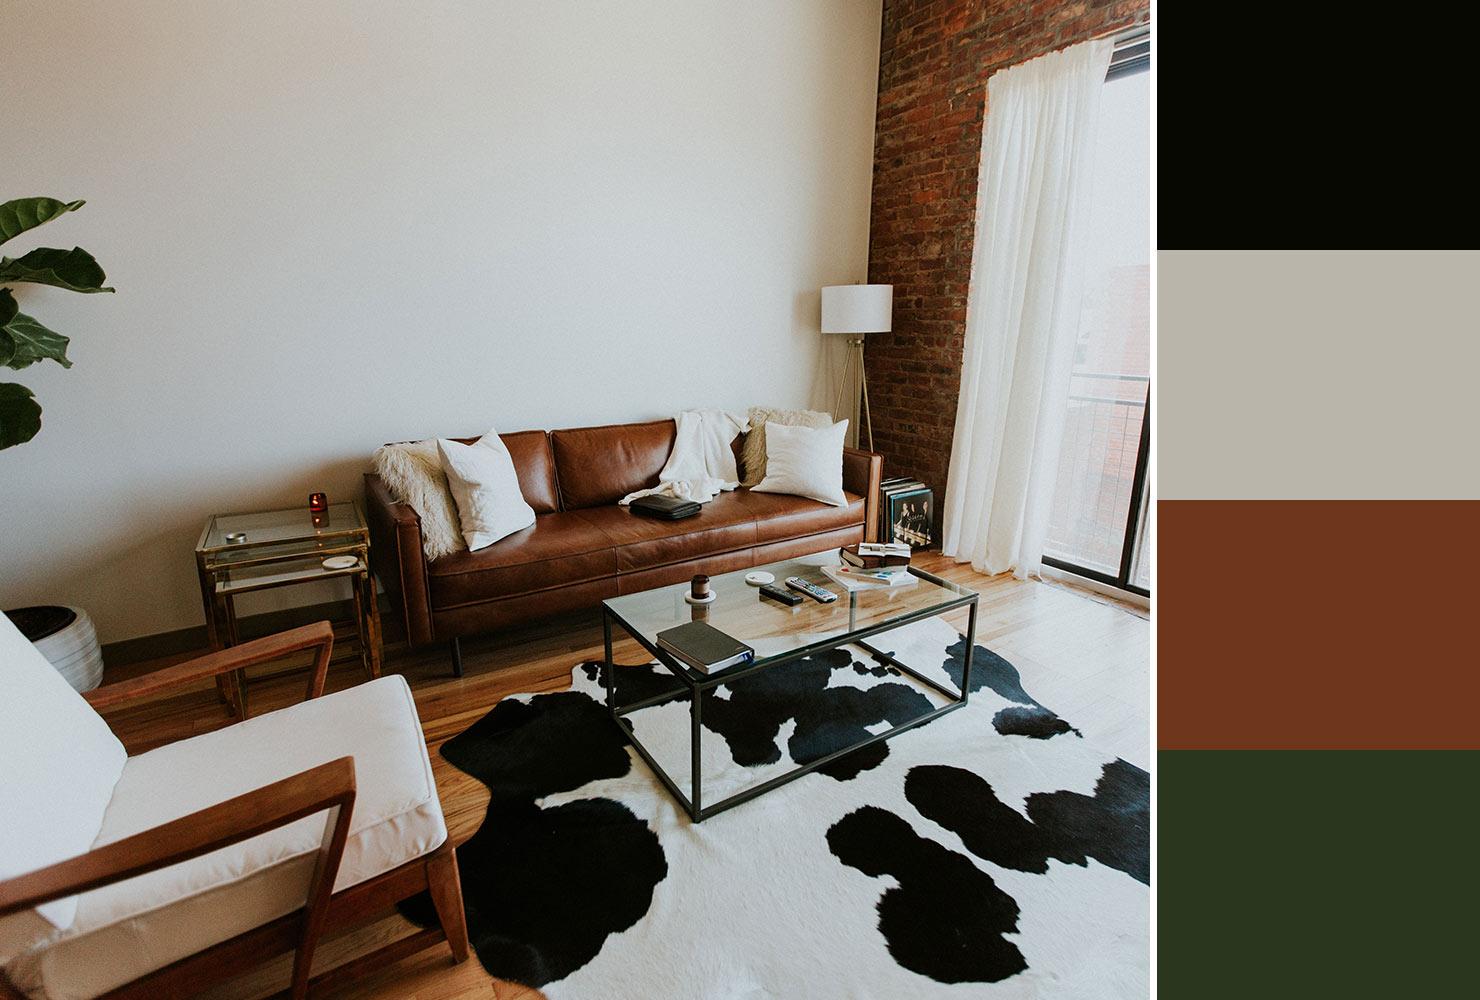 Farebné kombinácie - inšpirácie do interiéru - Obrázok č. 25